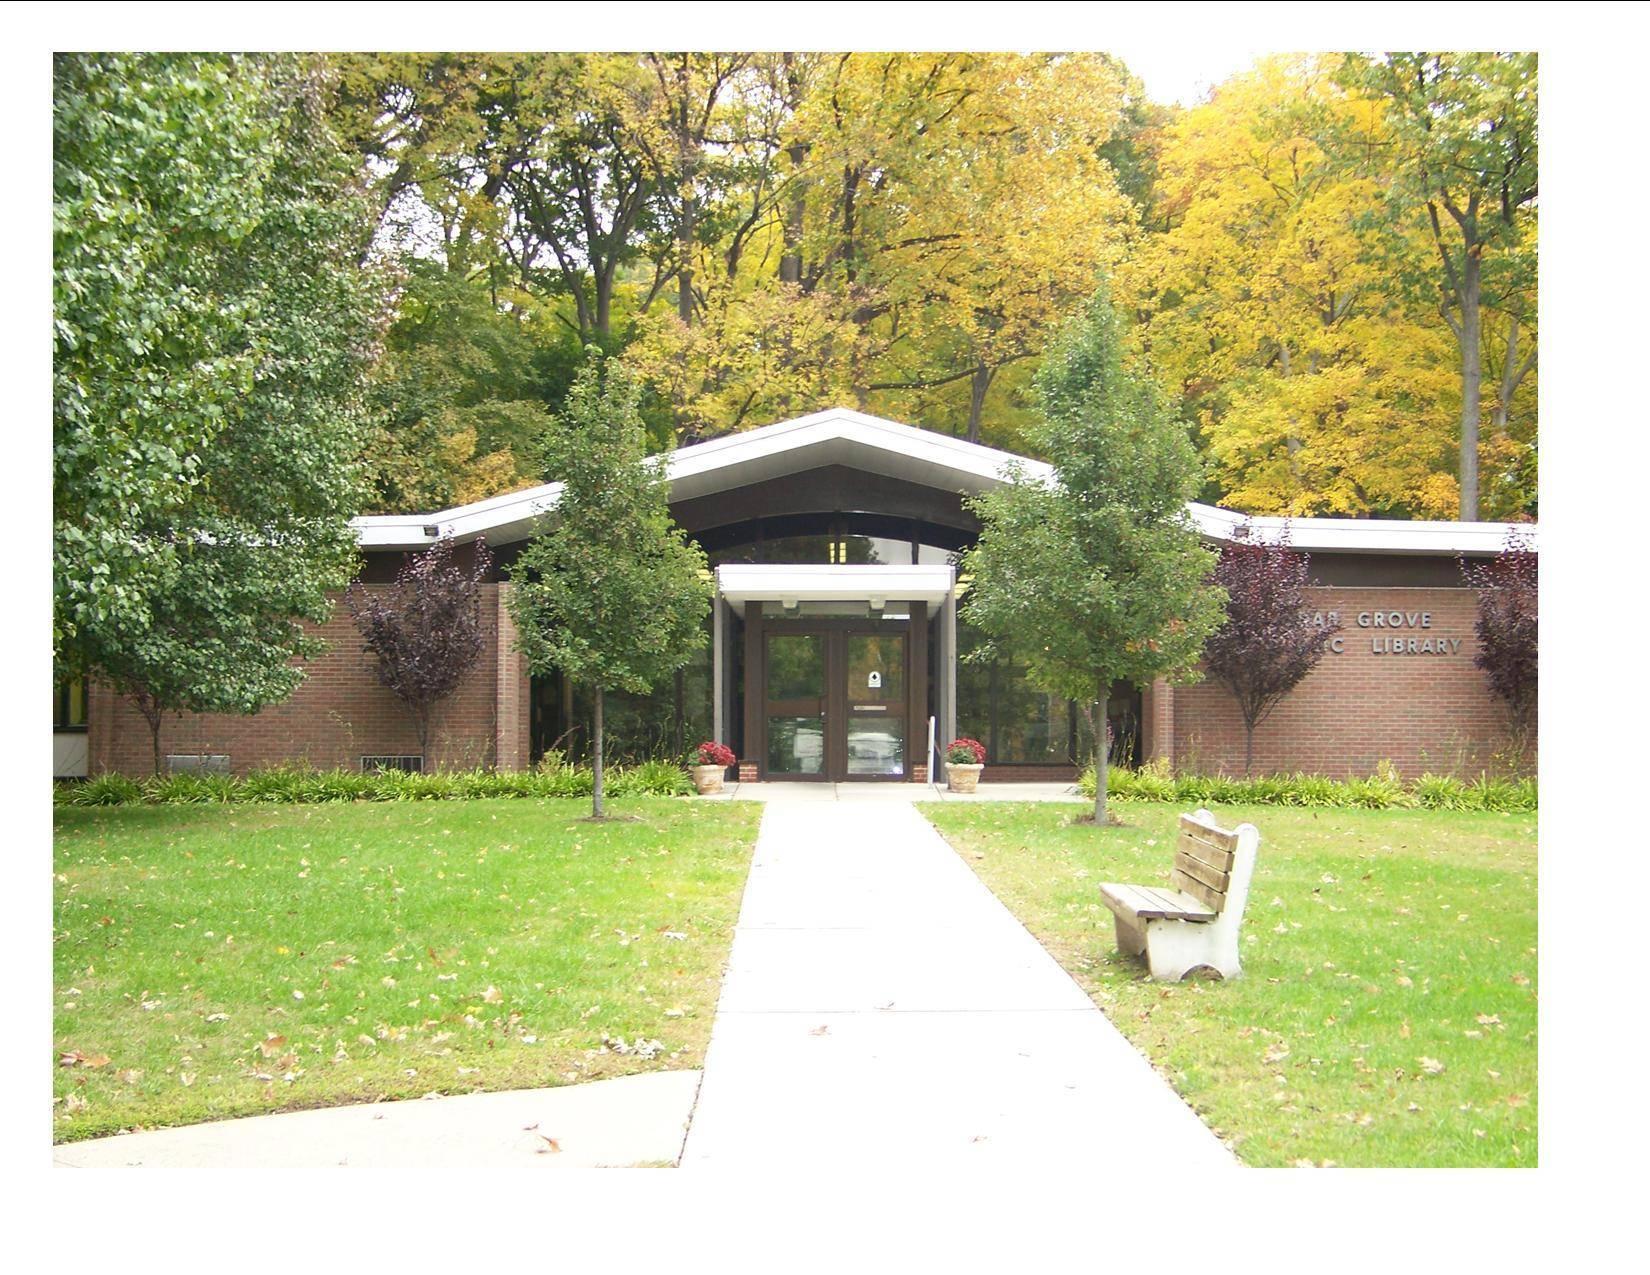 Cedar grove historical society presents exploring the Library garden grove